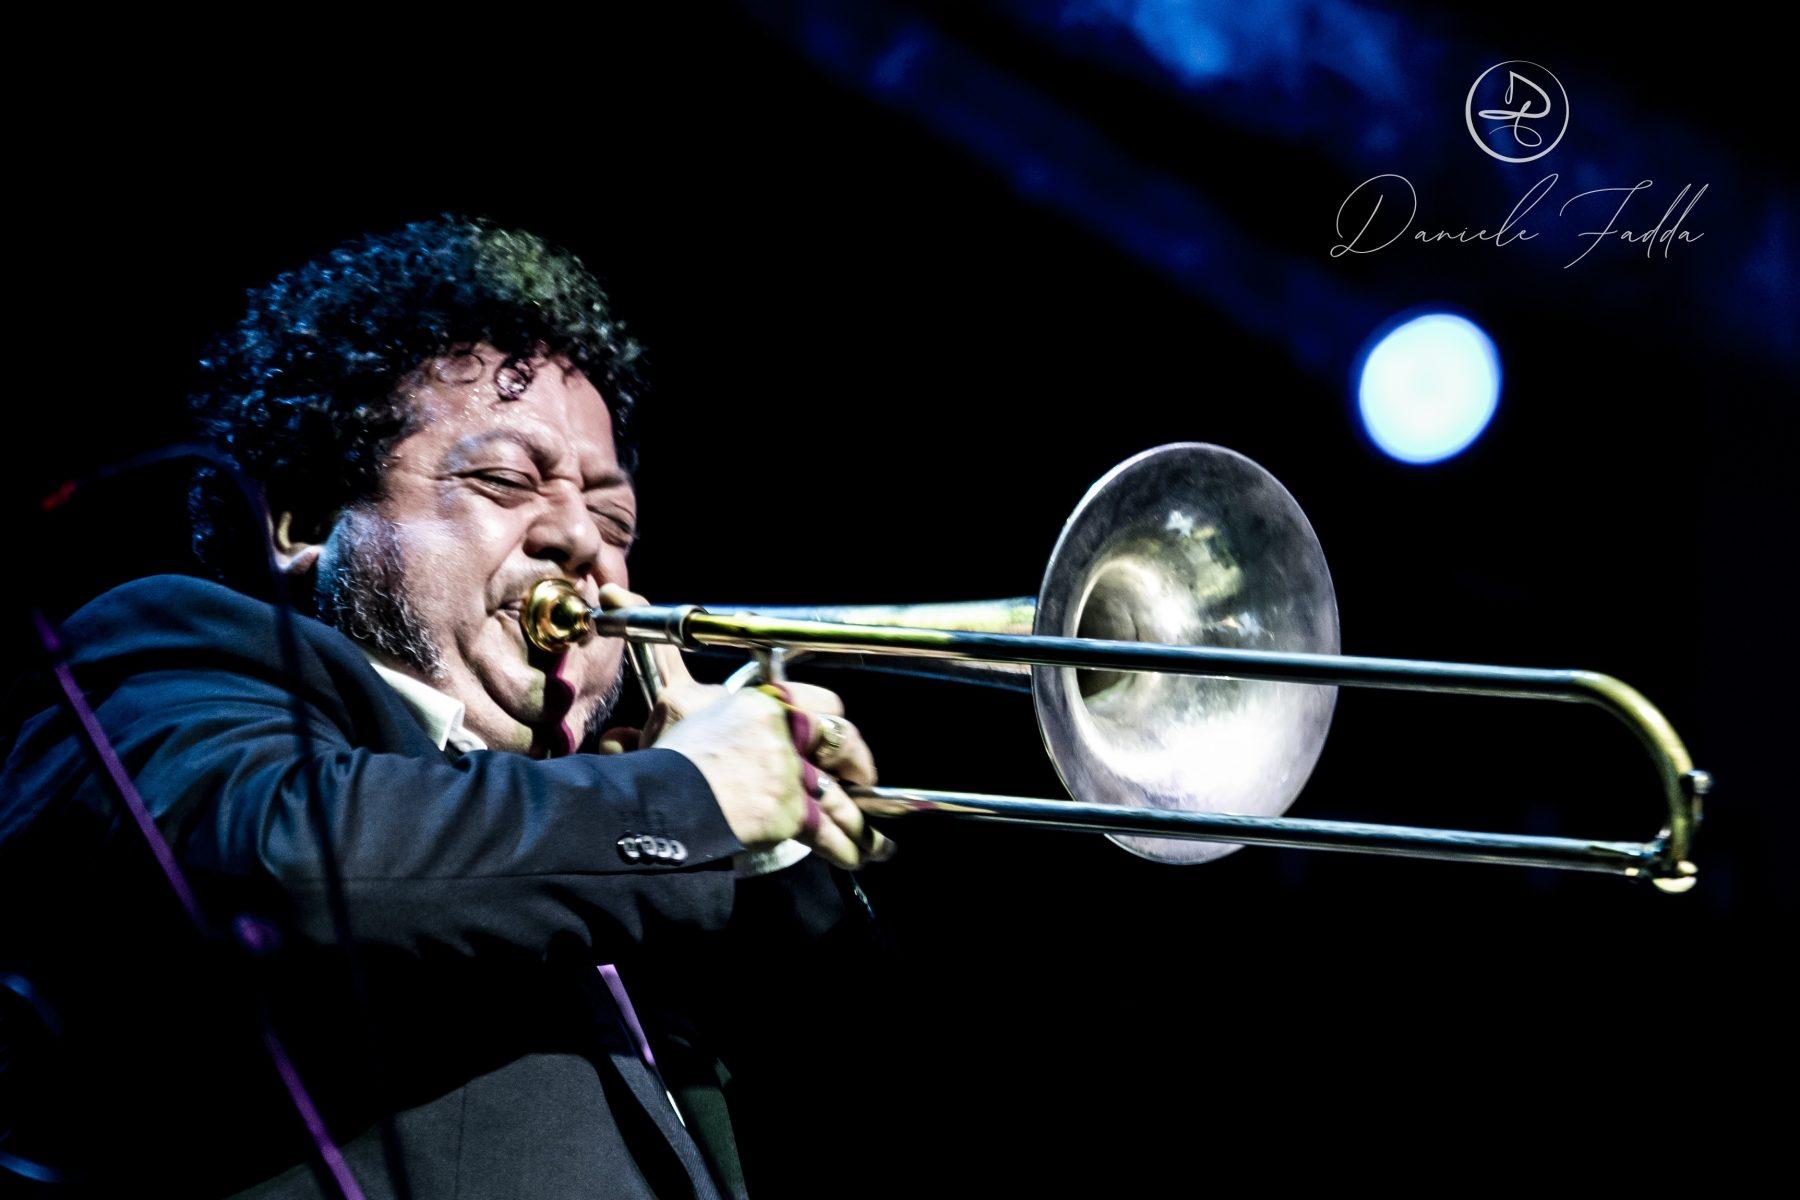 European Jazz Expo - Gavino Murgia - Gavino Murgia Quartet - Daniele Fadda - 2019 - Sa Scena Sarda